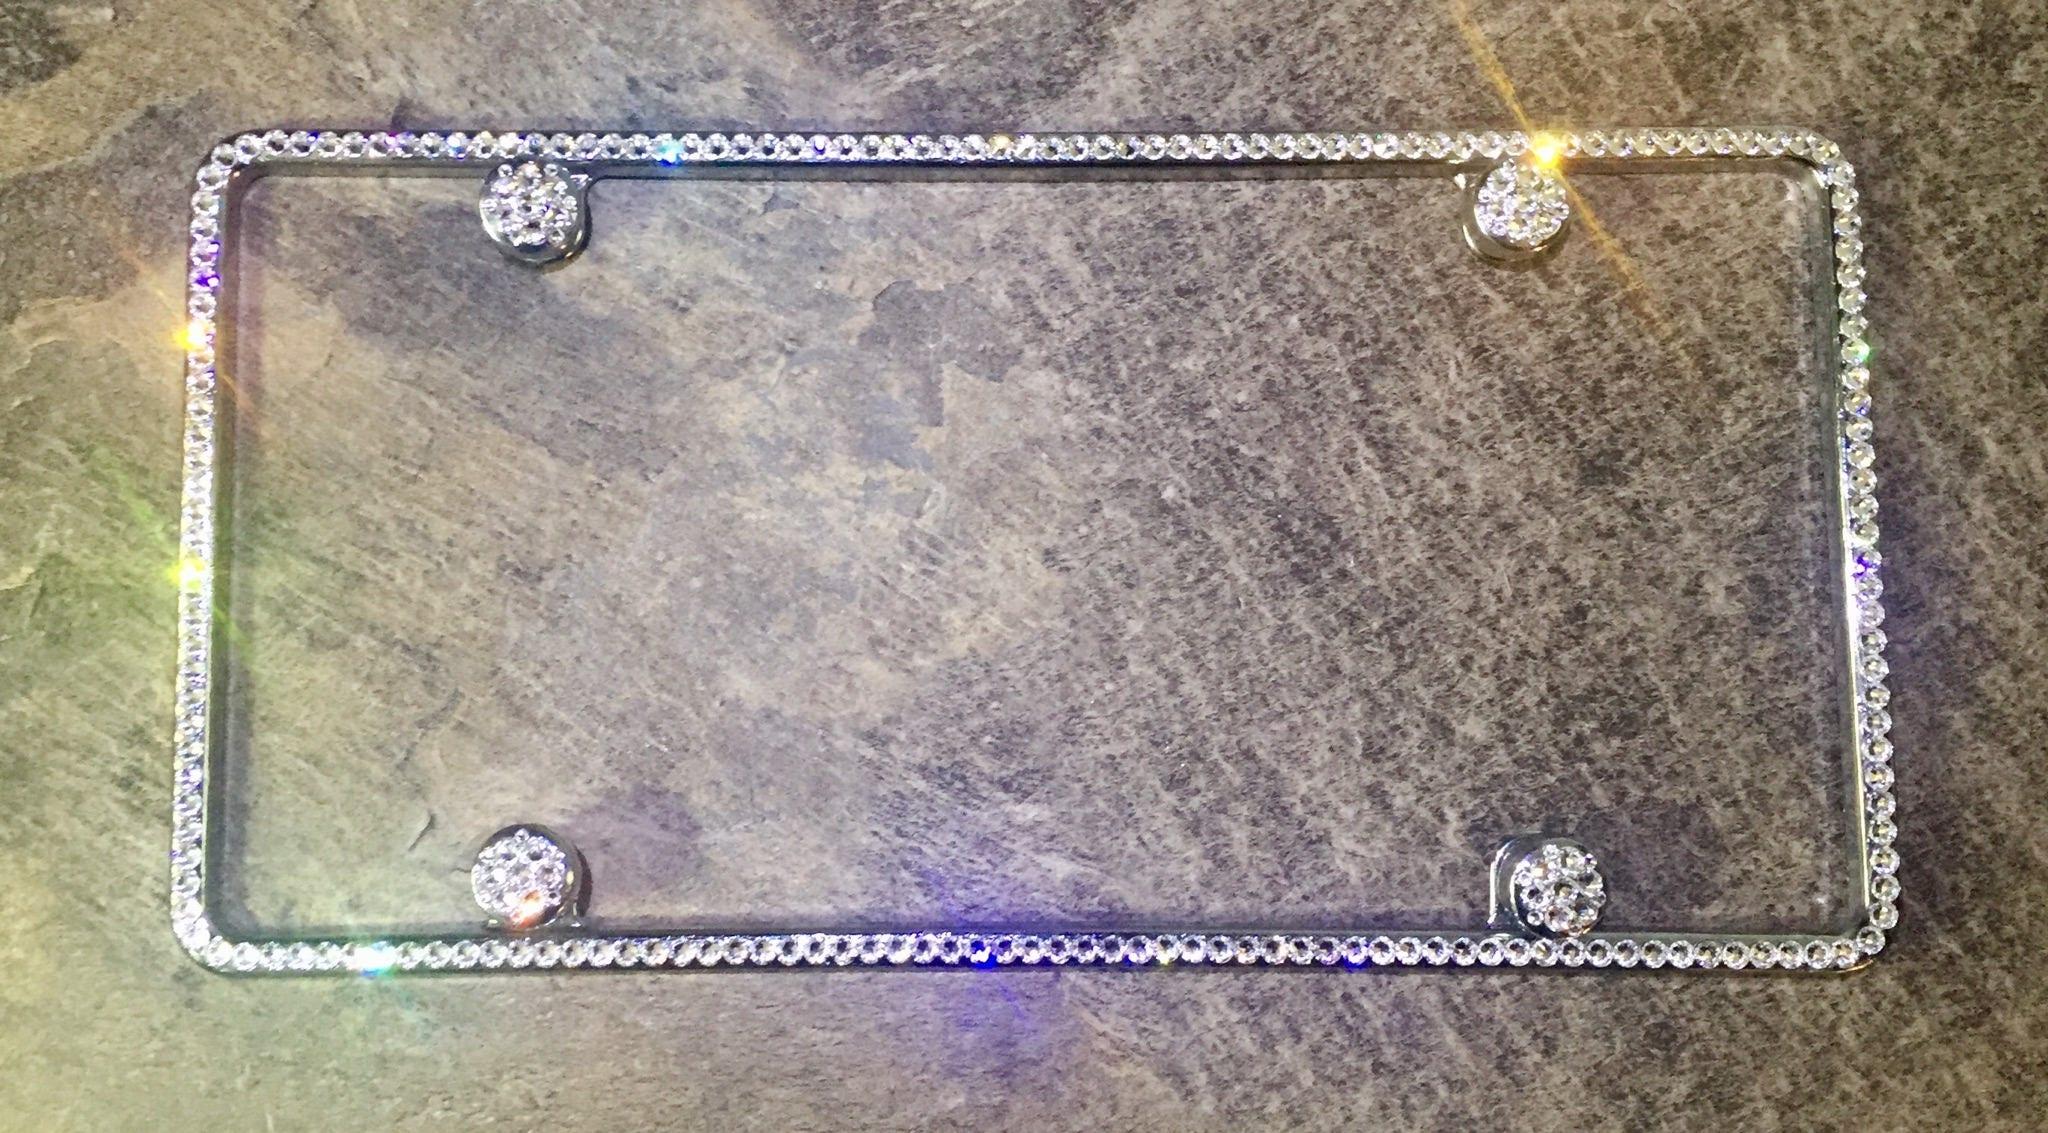 Swarovski Kristall Nummernschild Rahmen Bling Auto-Schmuck